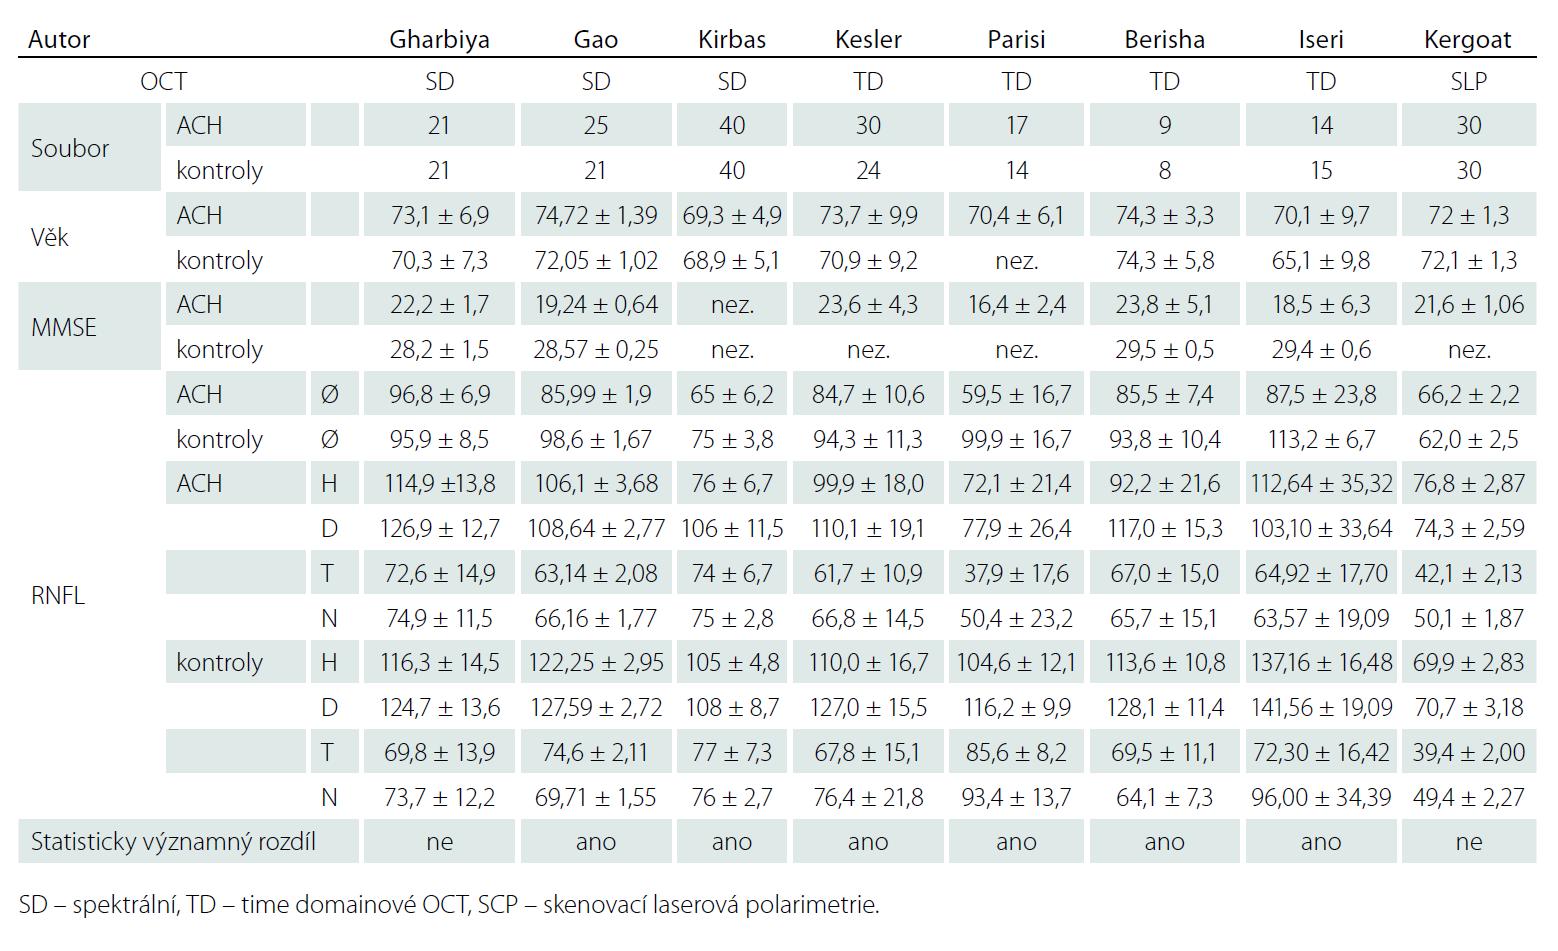 Výsledky jednotlivých prací, které měřily RNFL u ACH.